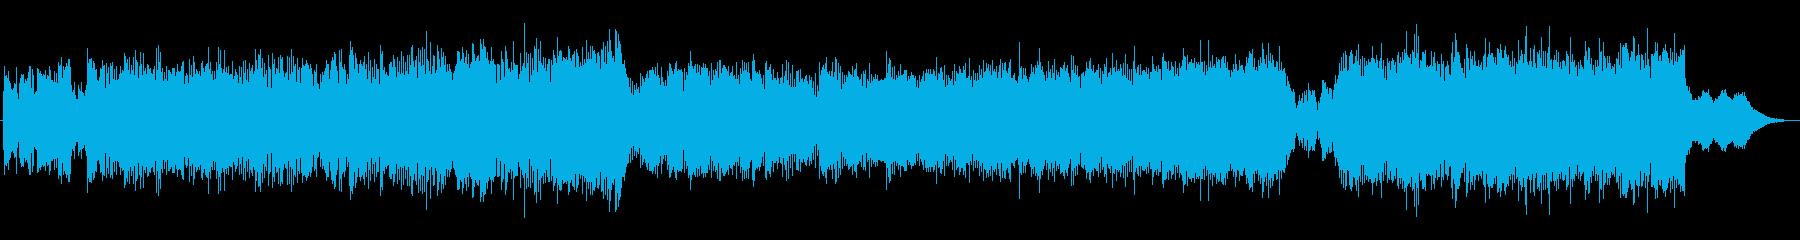 宇宙空間に最適なBGMの再生済みの波形